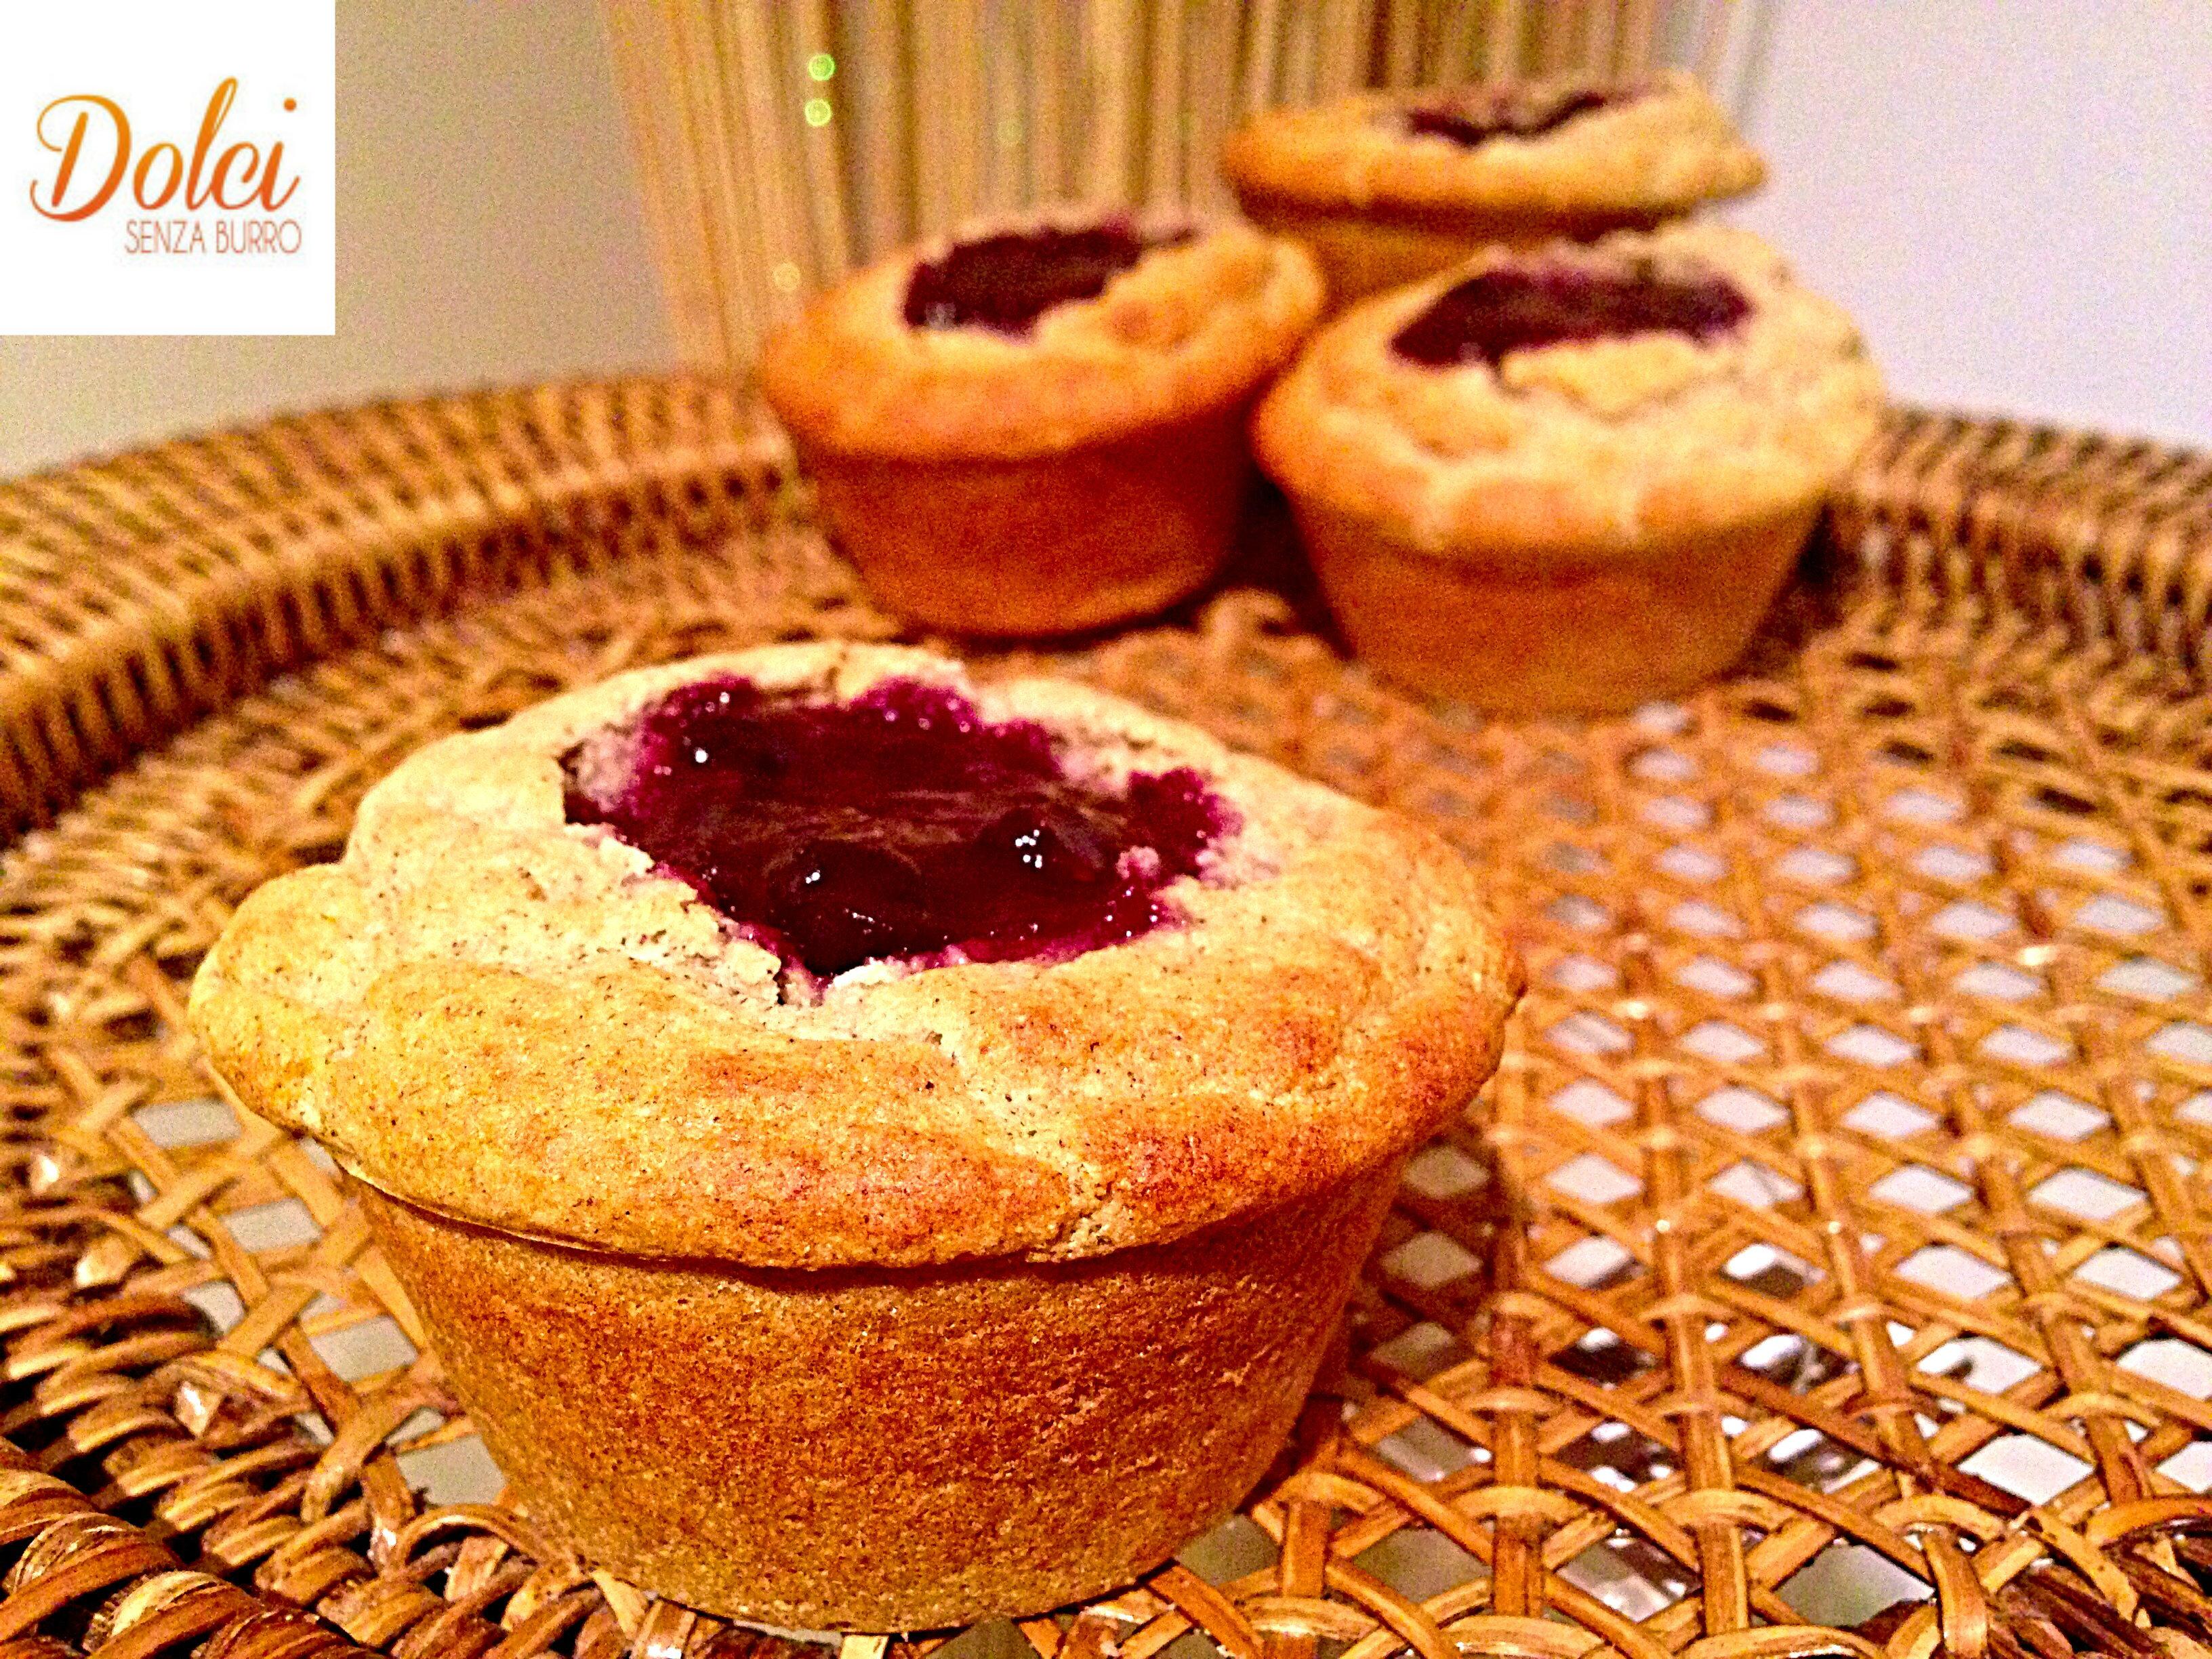 Muffin Grano Saraceno e Marmellata Senza Burro, il dolce light sano e goloso di dolci senza burro